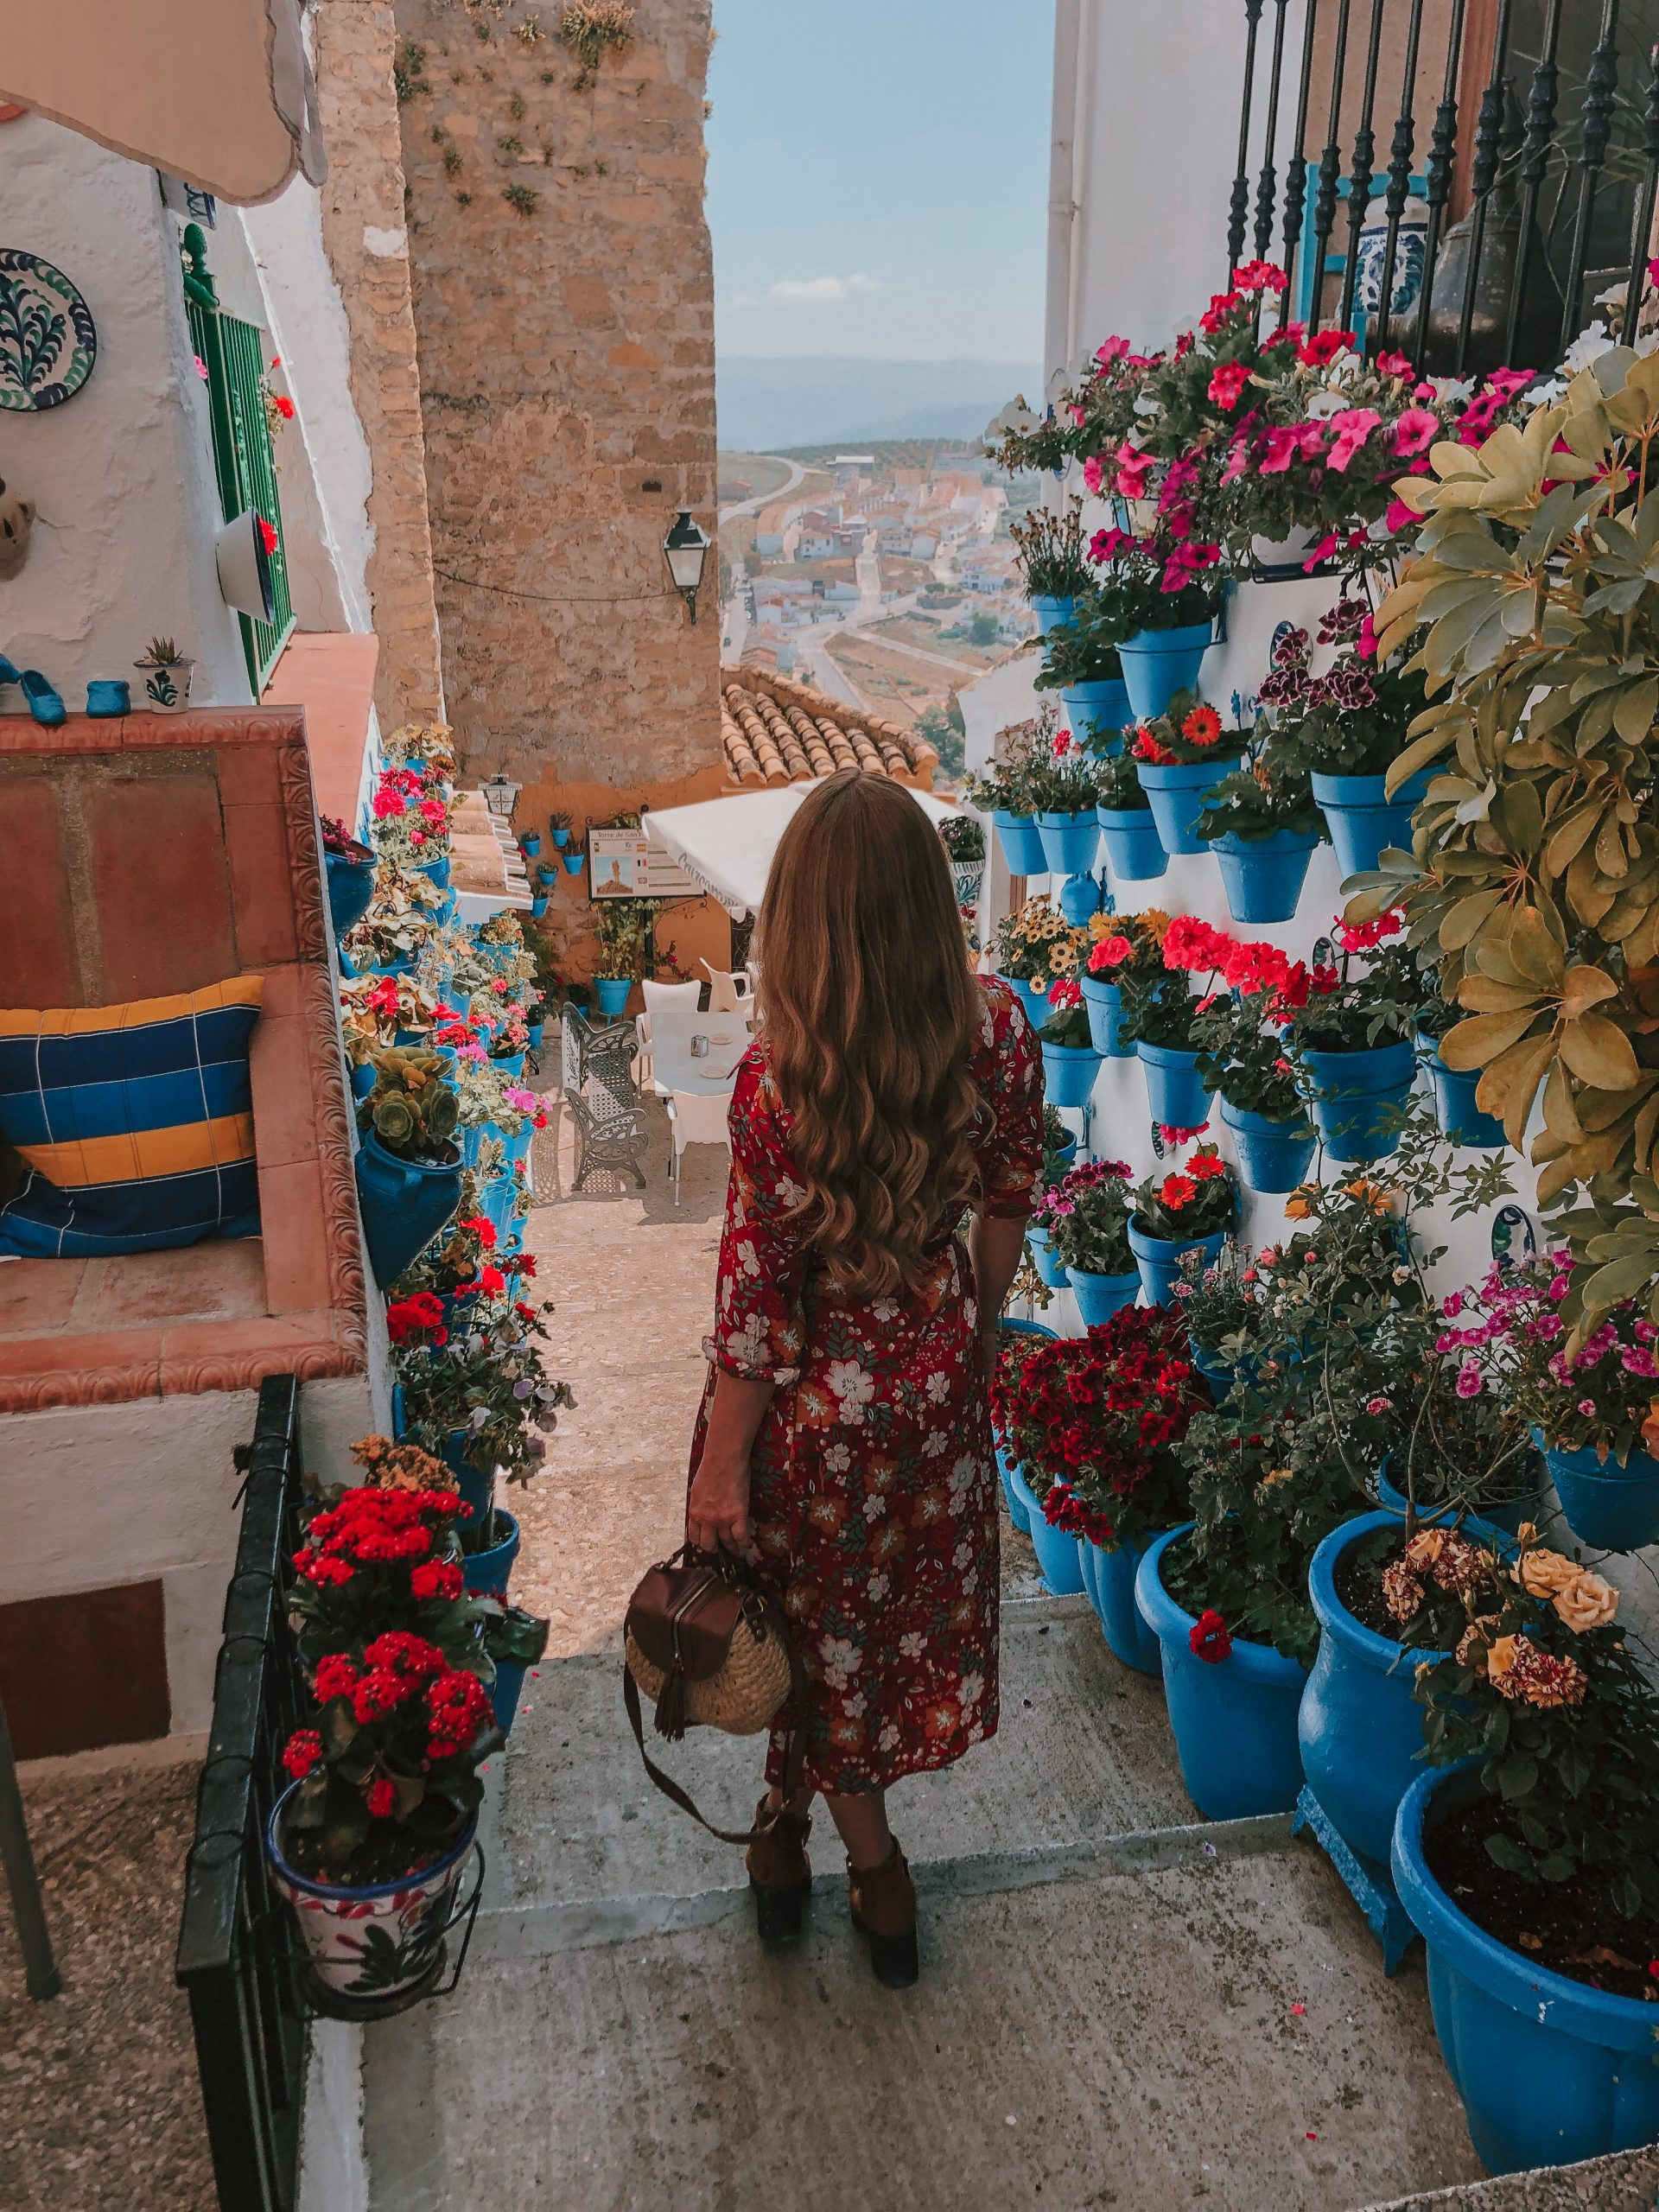 los 25 pueblos más bonitos de Andalucía